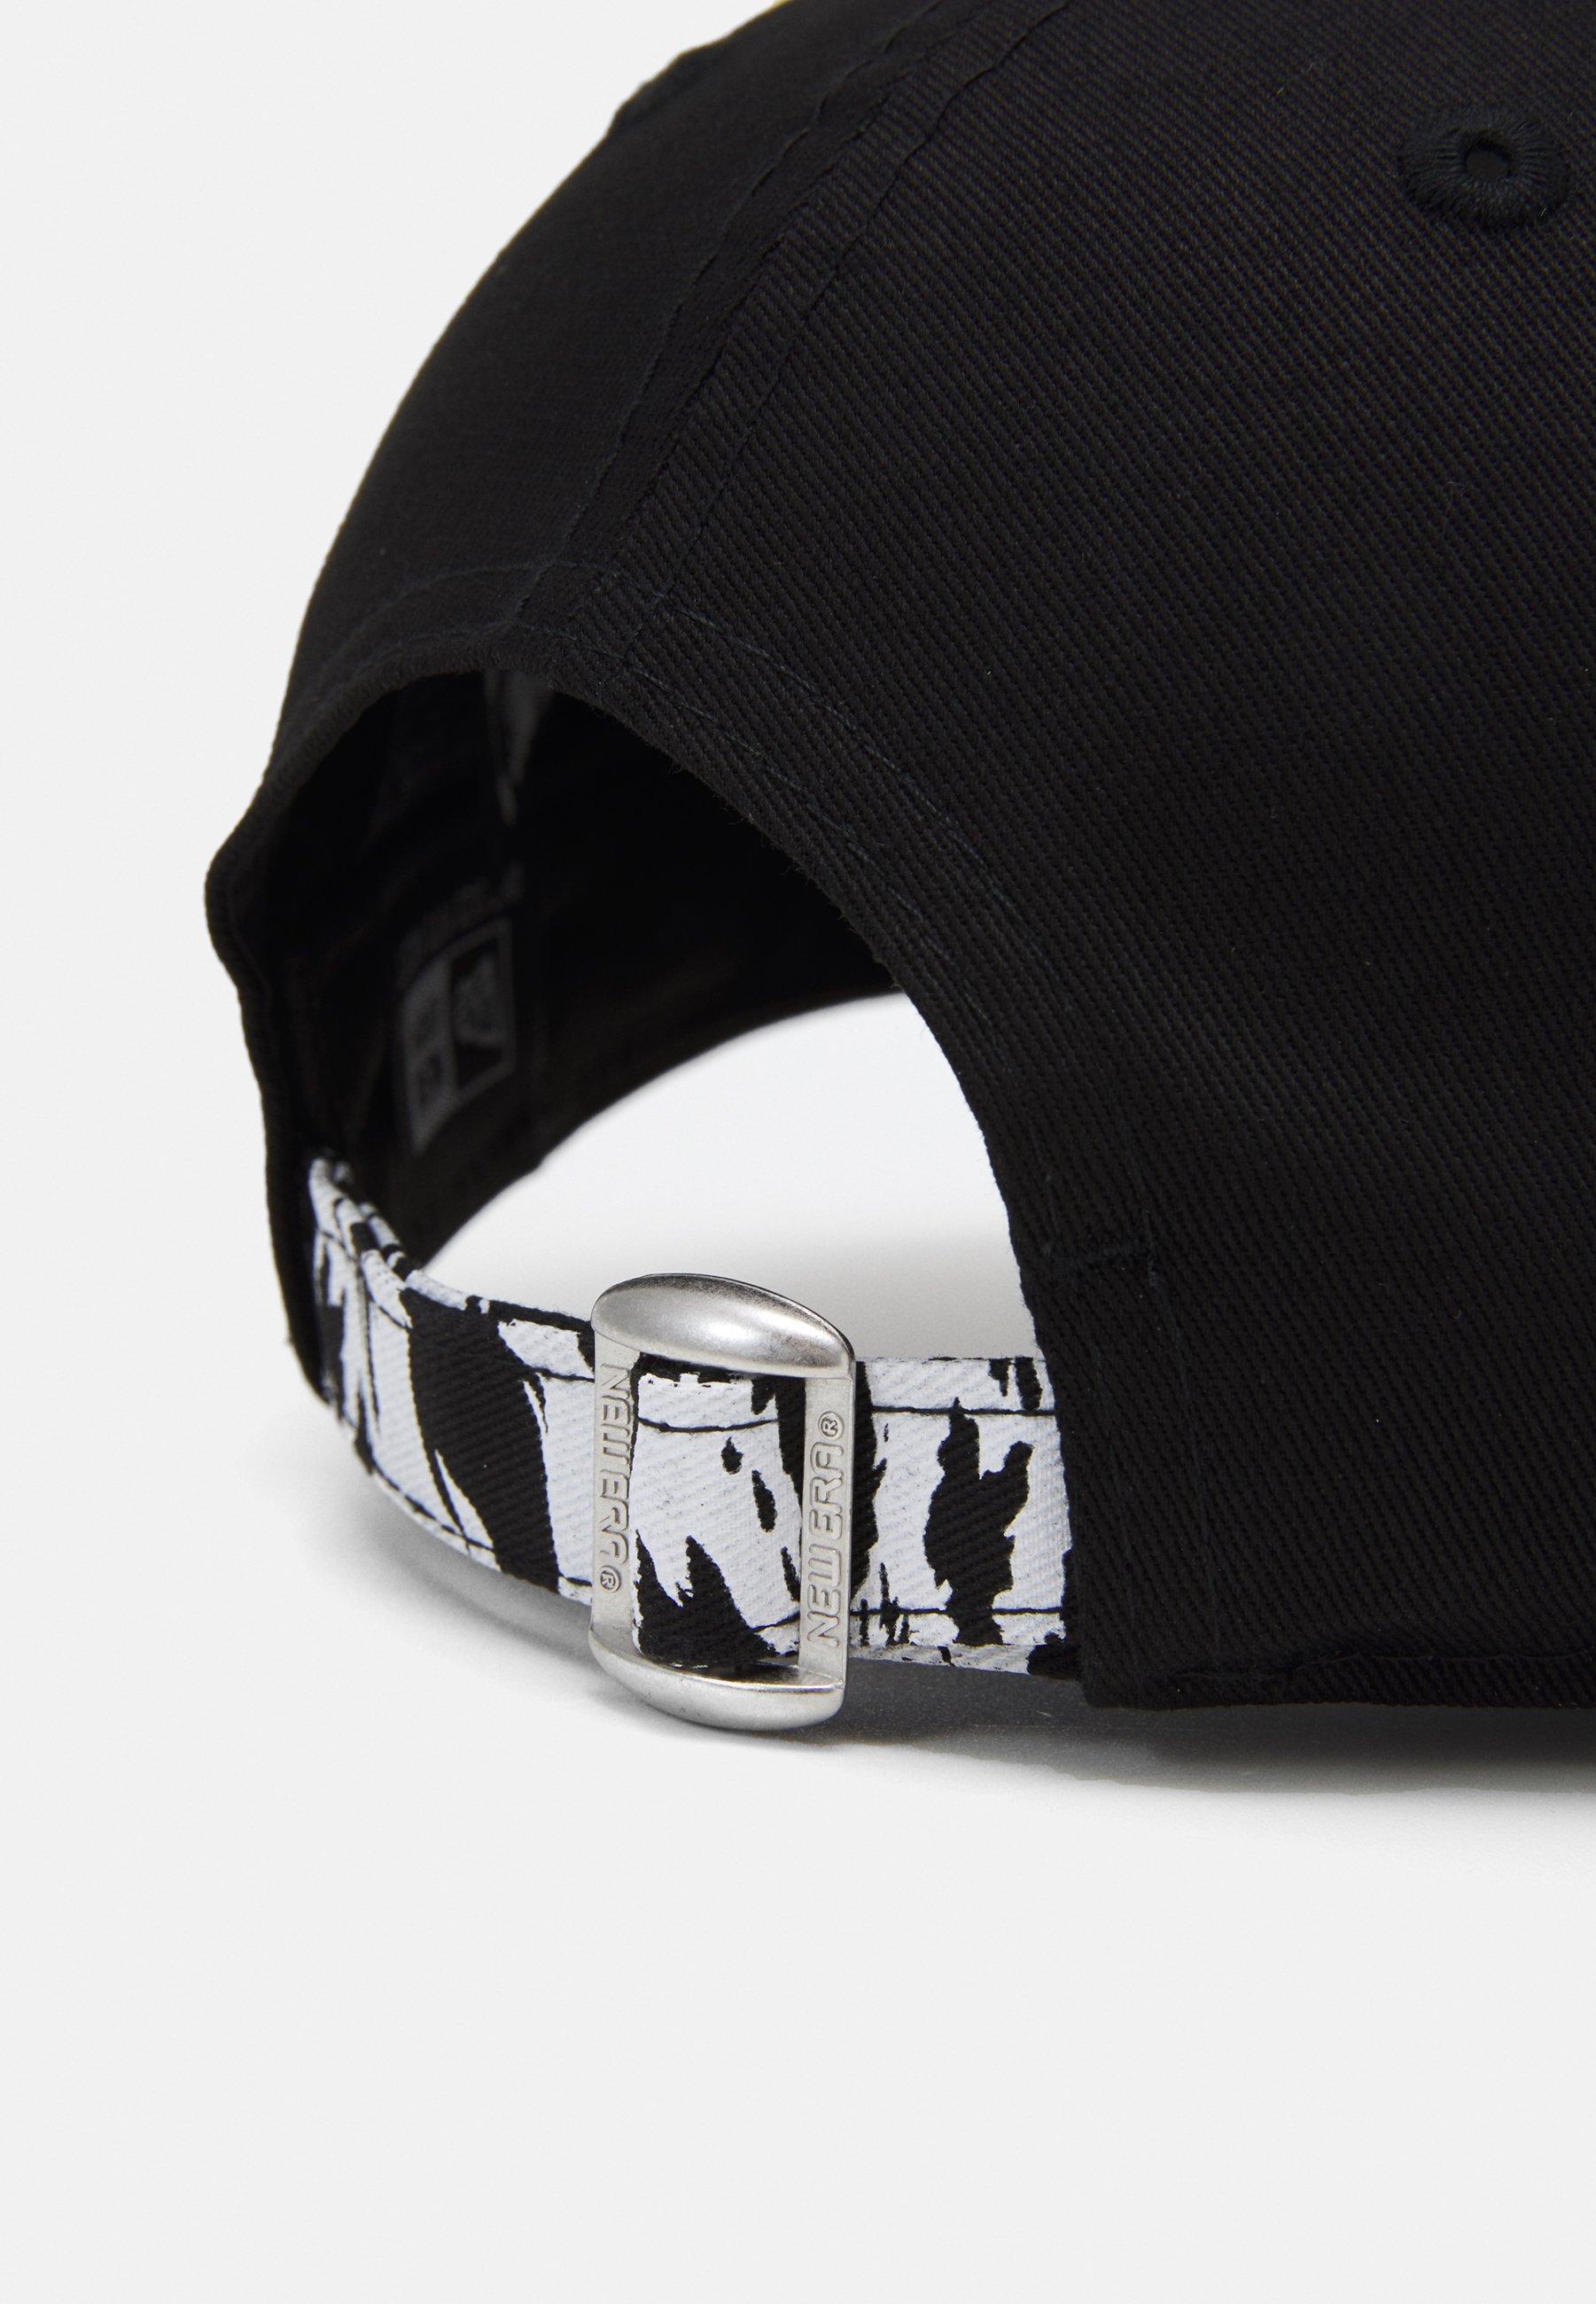 New Era 9FORTY - Cap - black/svart Mm3IvdwheJDaADv